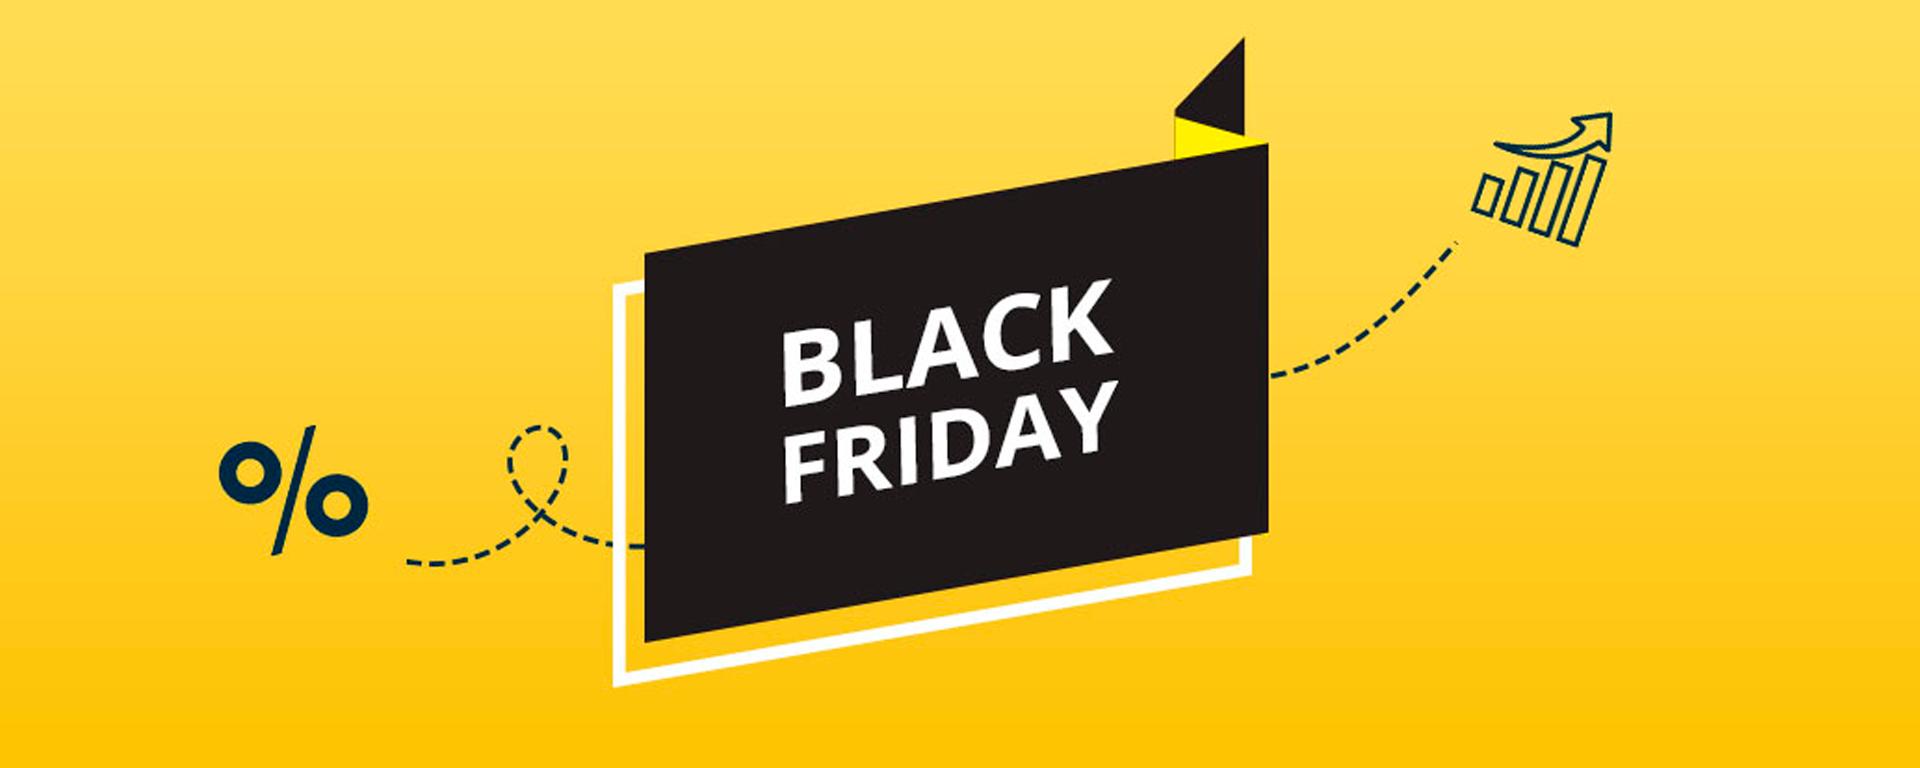 Vendas Black Friday 2021: 5 estratégias únicas para vender mais